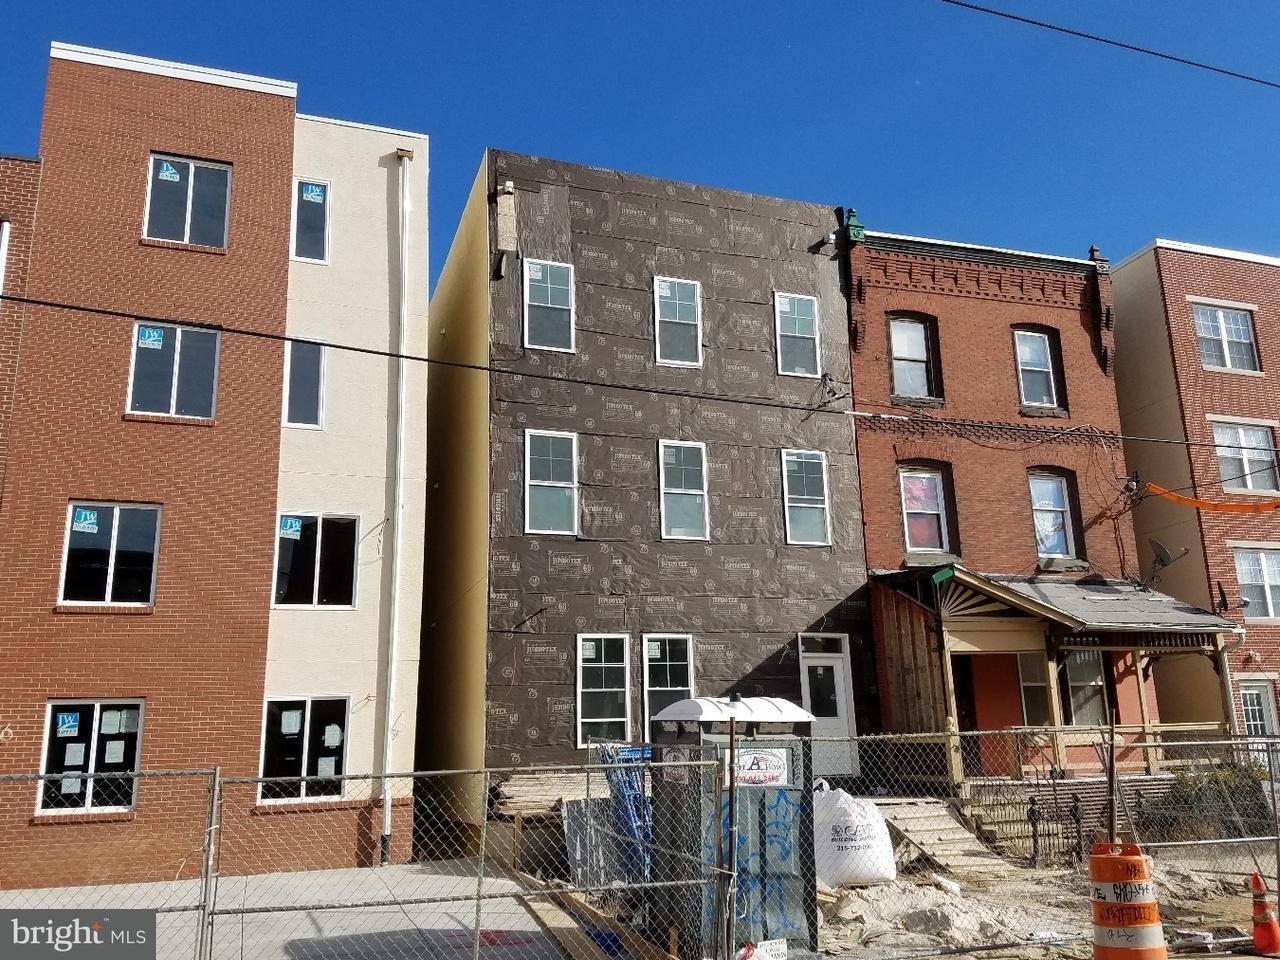 Μονοκατοικία για την Πώληση στο 327 N 40TH Street Philadelphia, Πενσιλβανια 19104 Ηνωμενεσ Πολιτειεσ